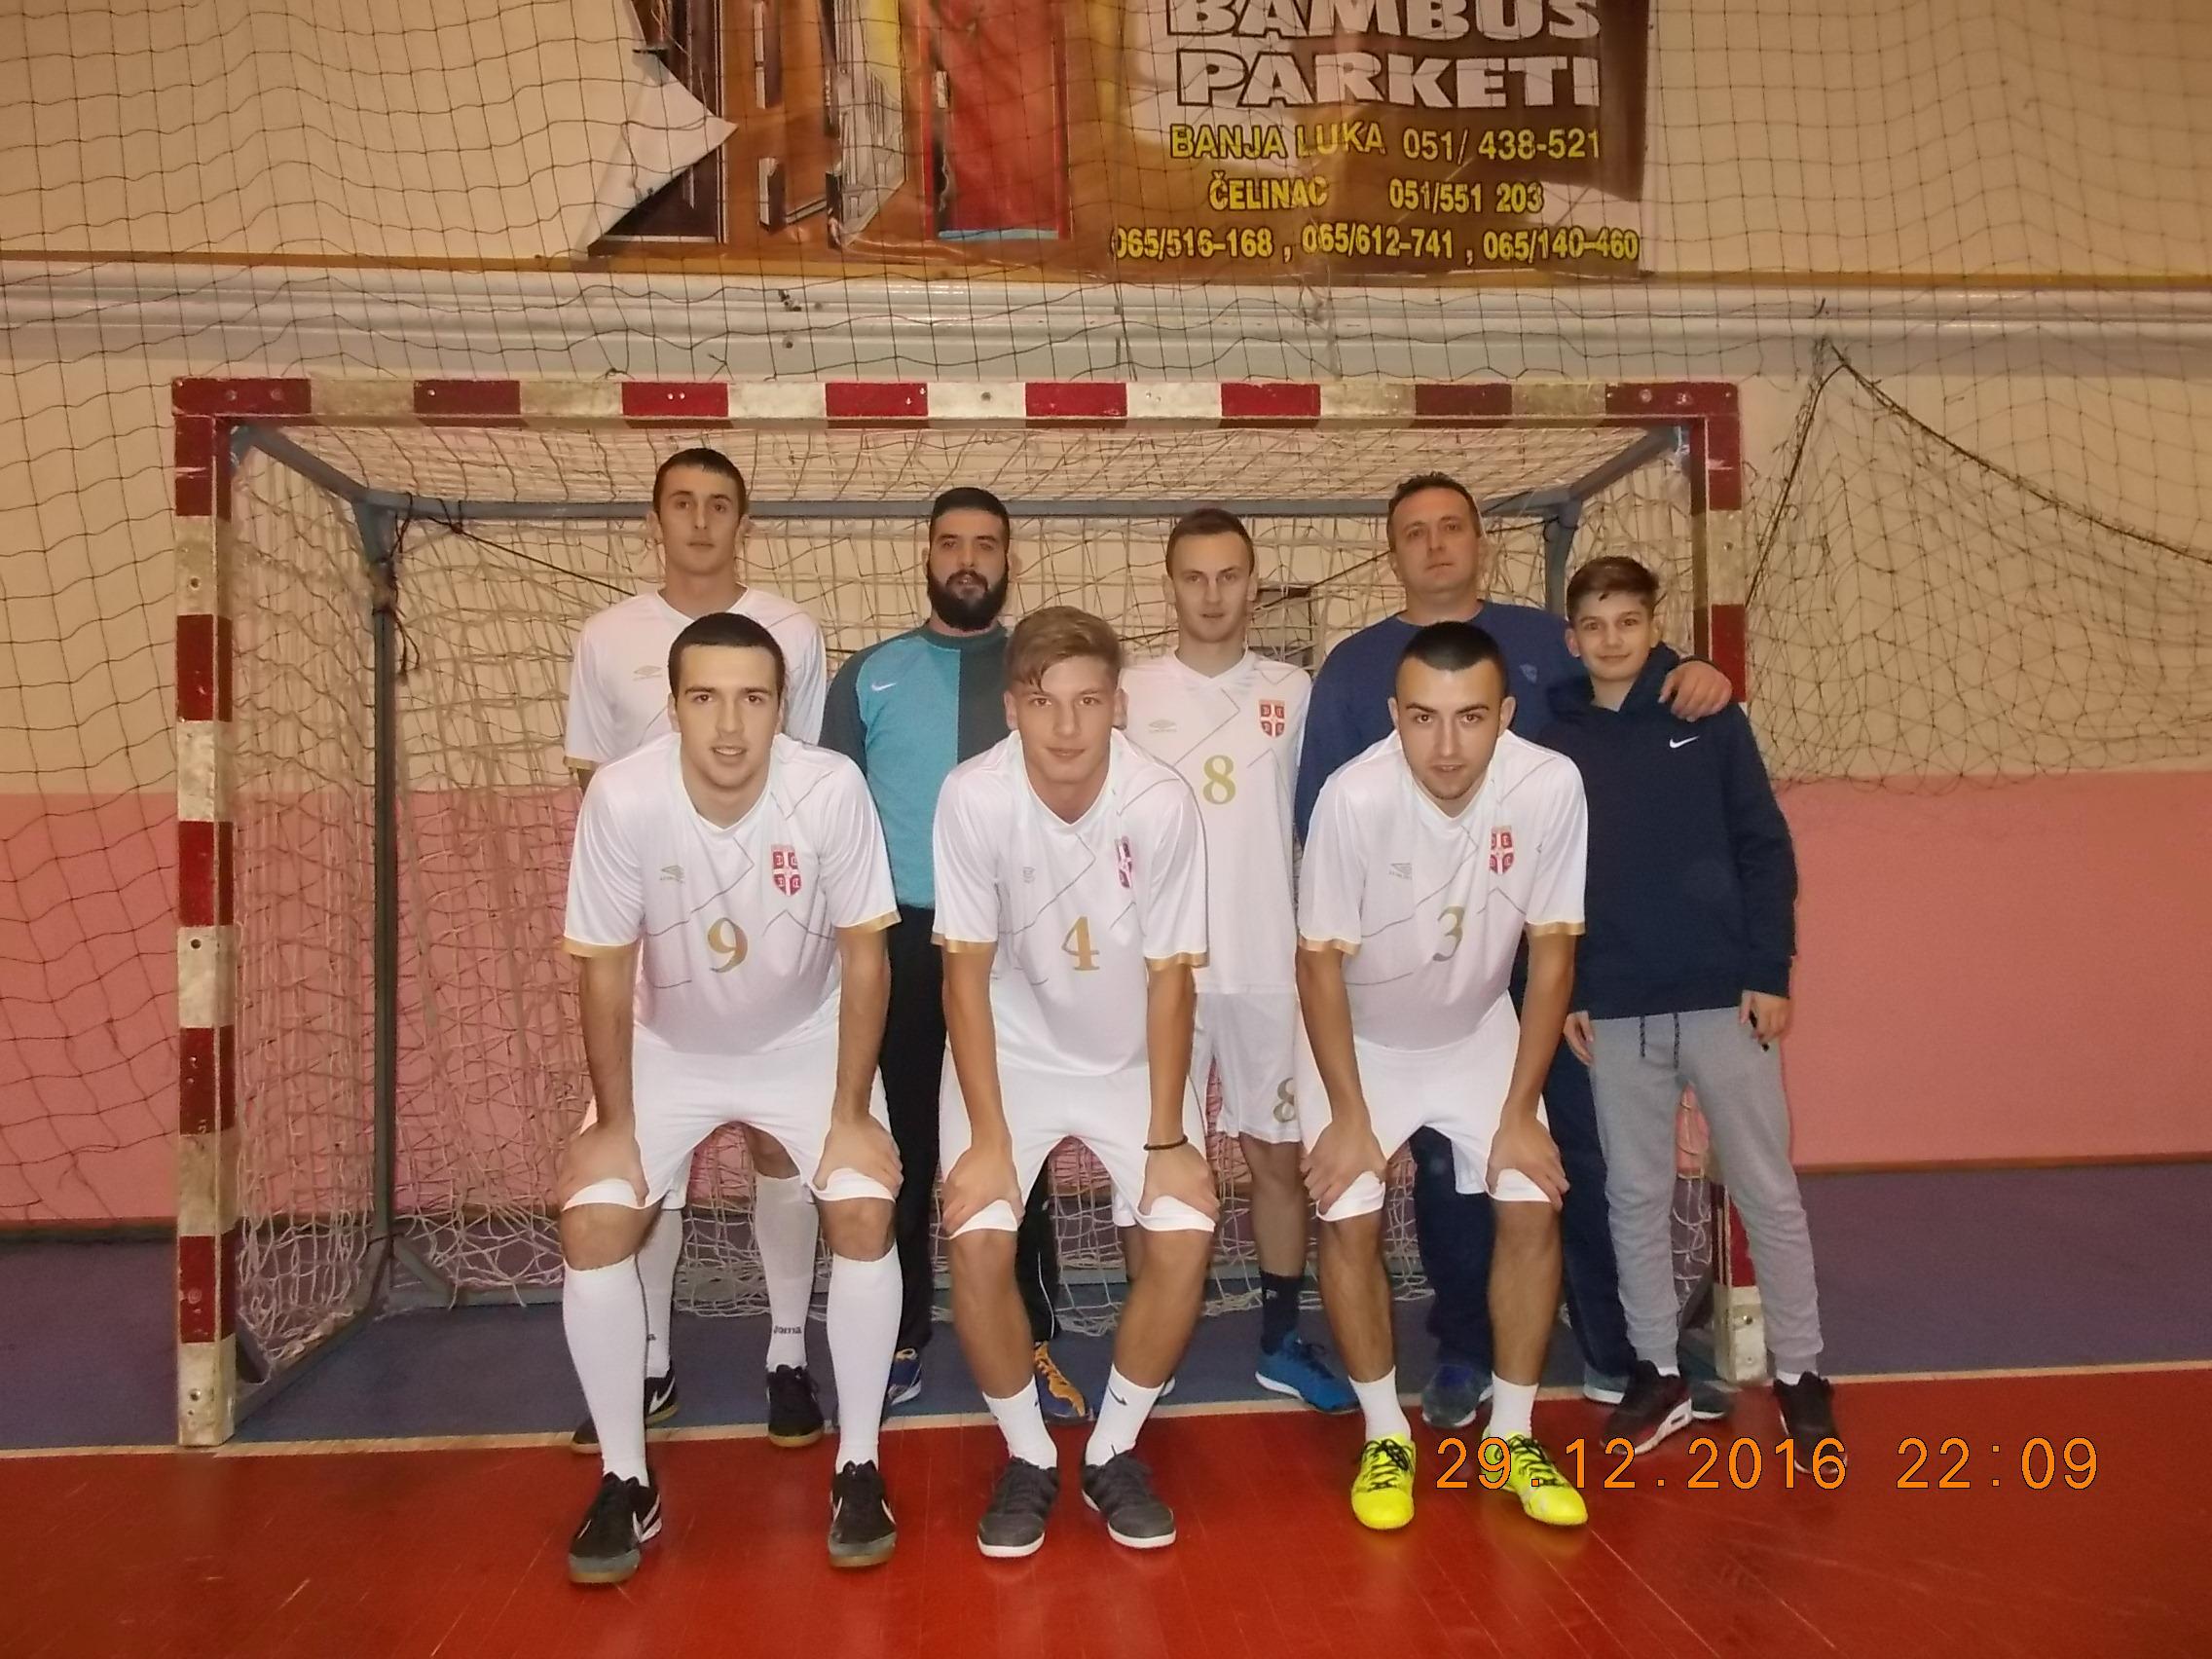 Srbija Linc